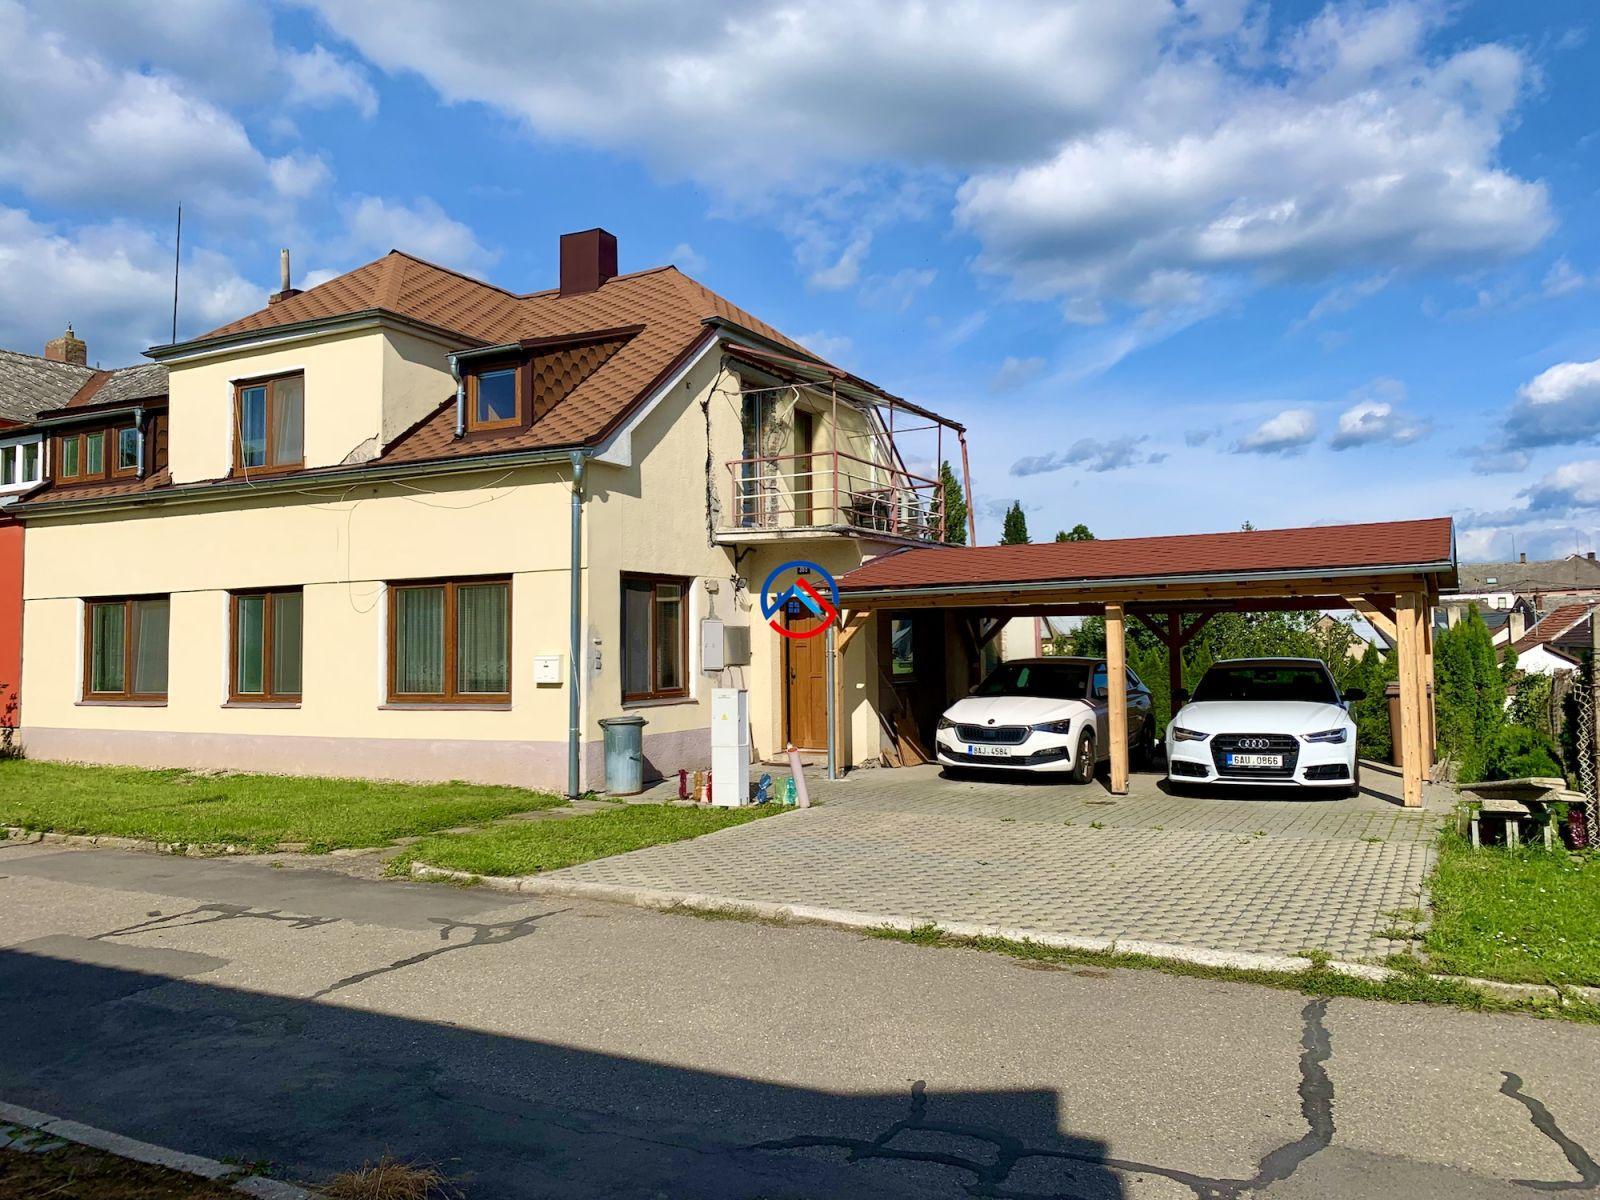 Prodej rodinného domu 3+kk celkem a 4+kk, celkem 146 m2, pozemky 537 m2